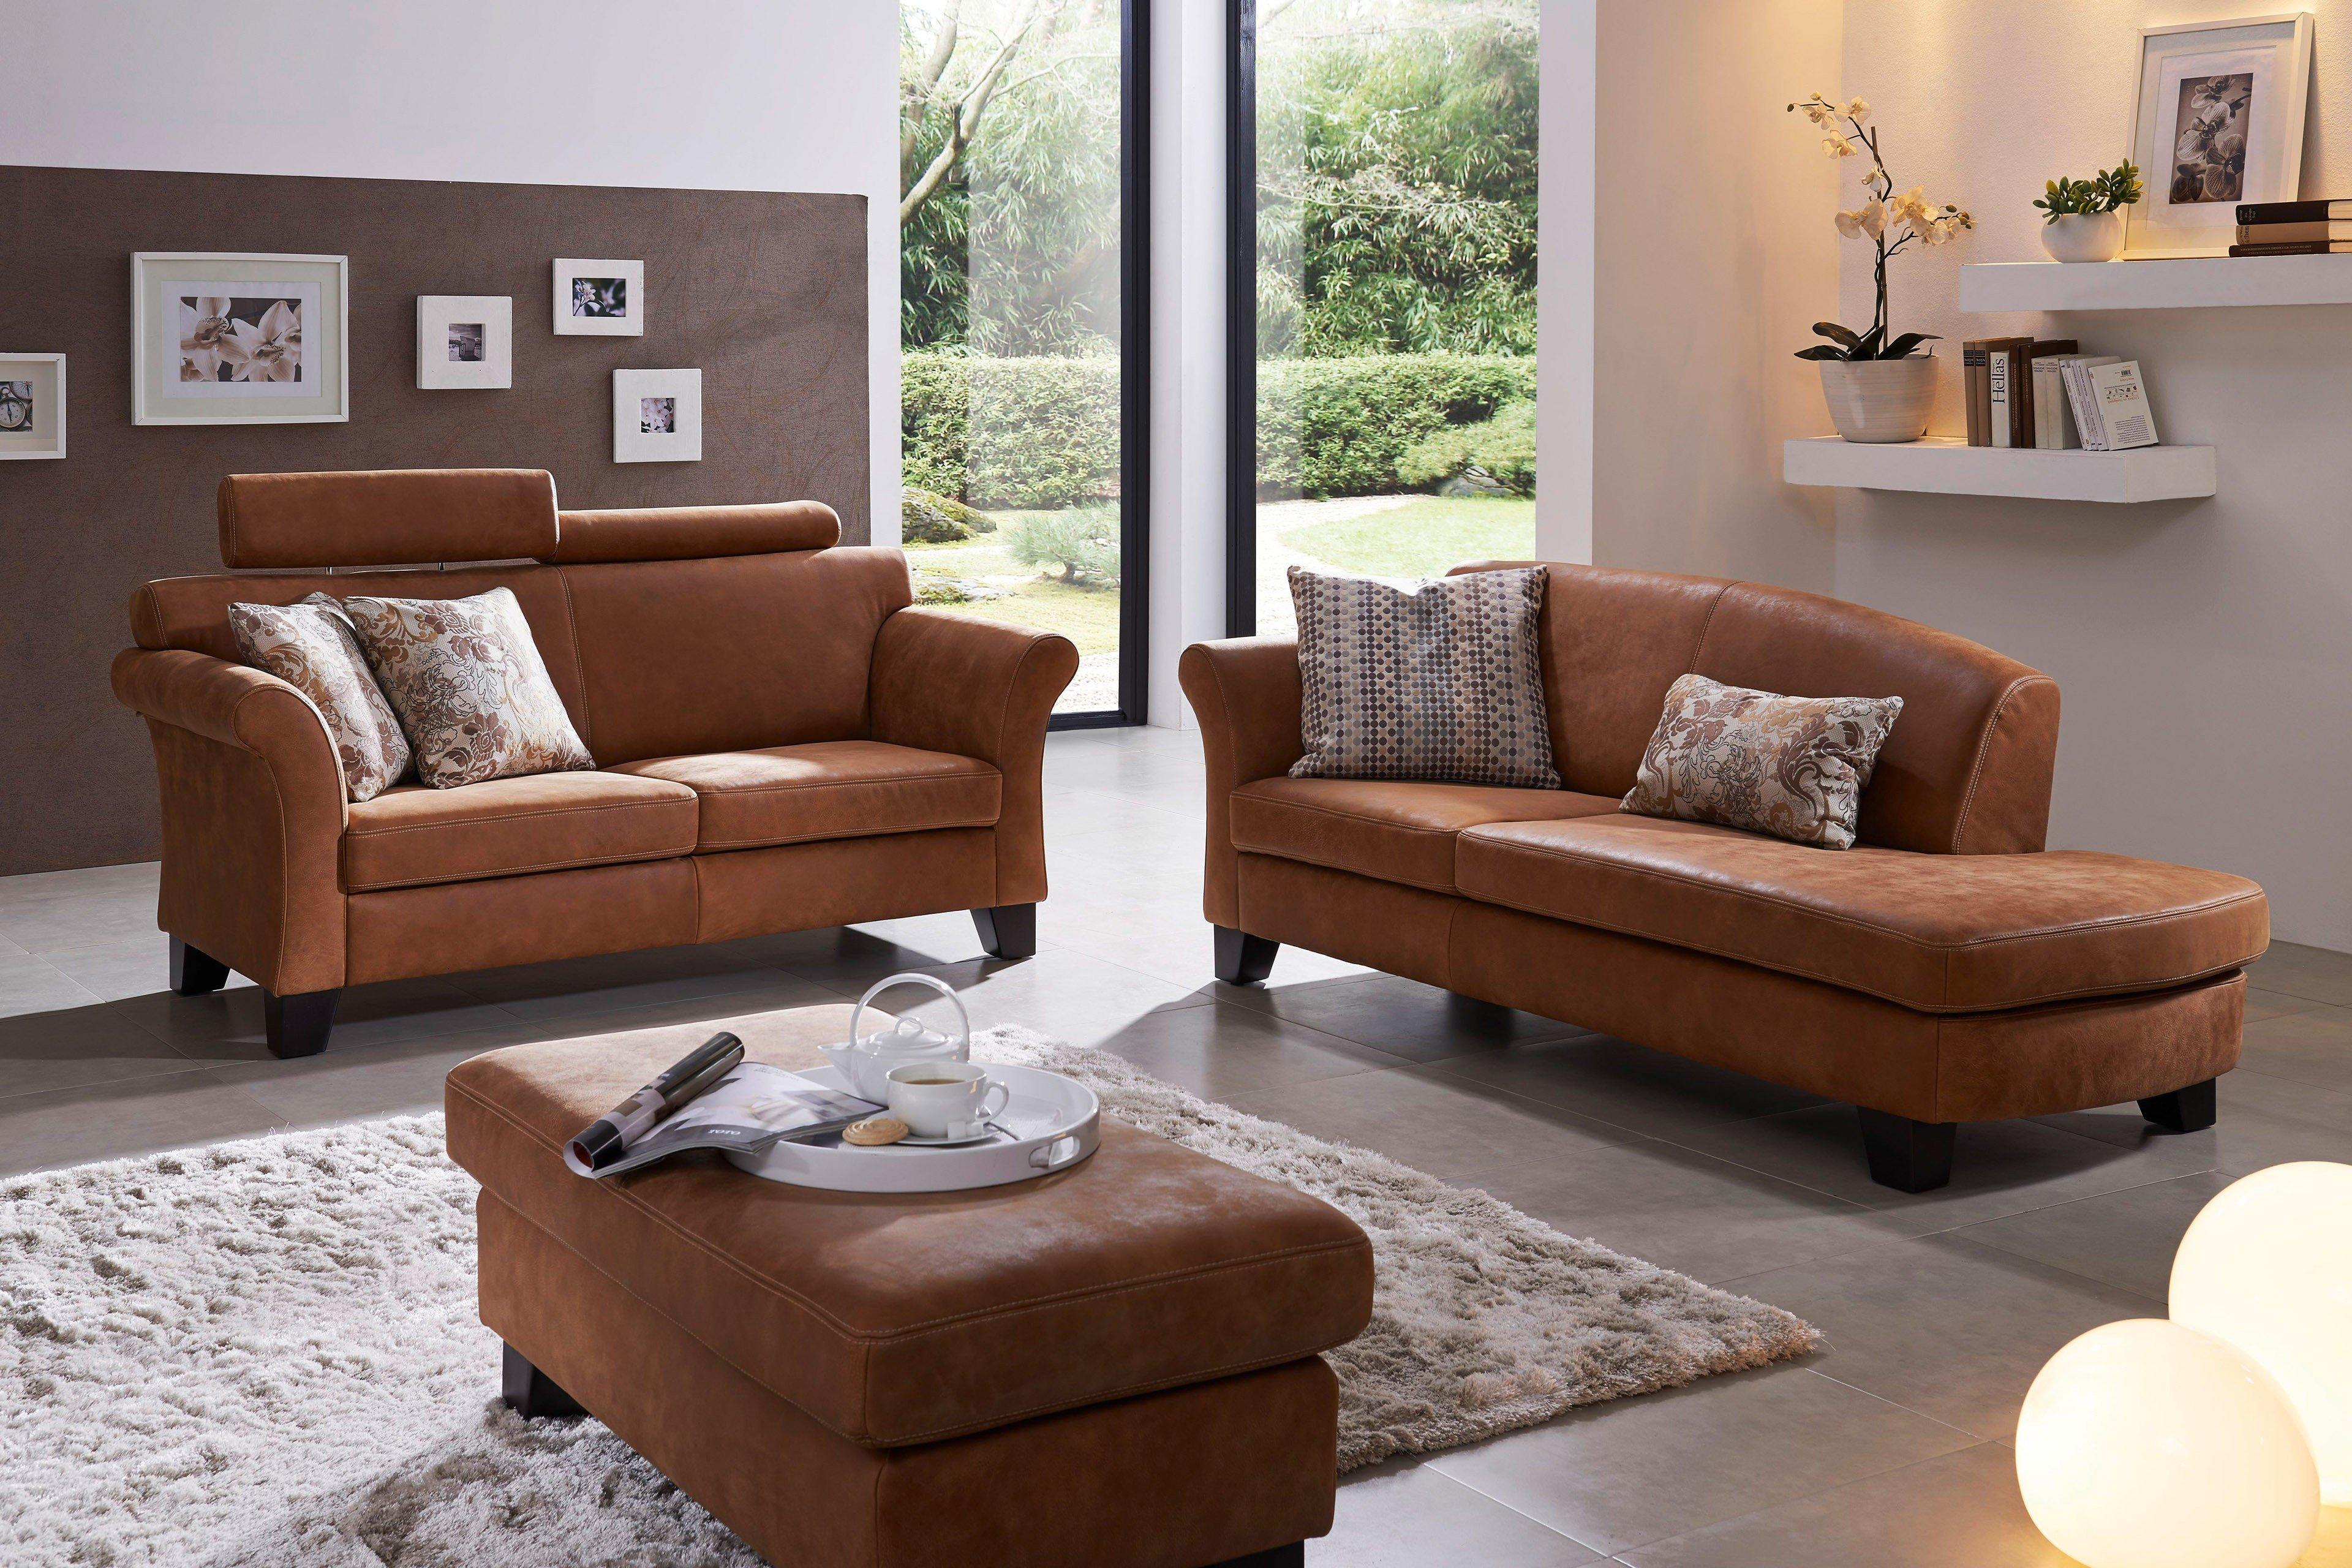 f s polsterm bel 250 palermo couchgarnitur in hellbraun m bel letz ihr online shop. Black Bedroom Furniture Sets. Home Design Ideas